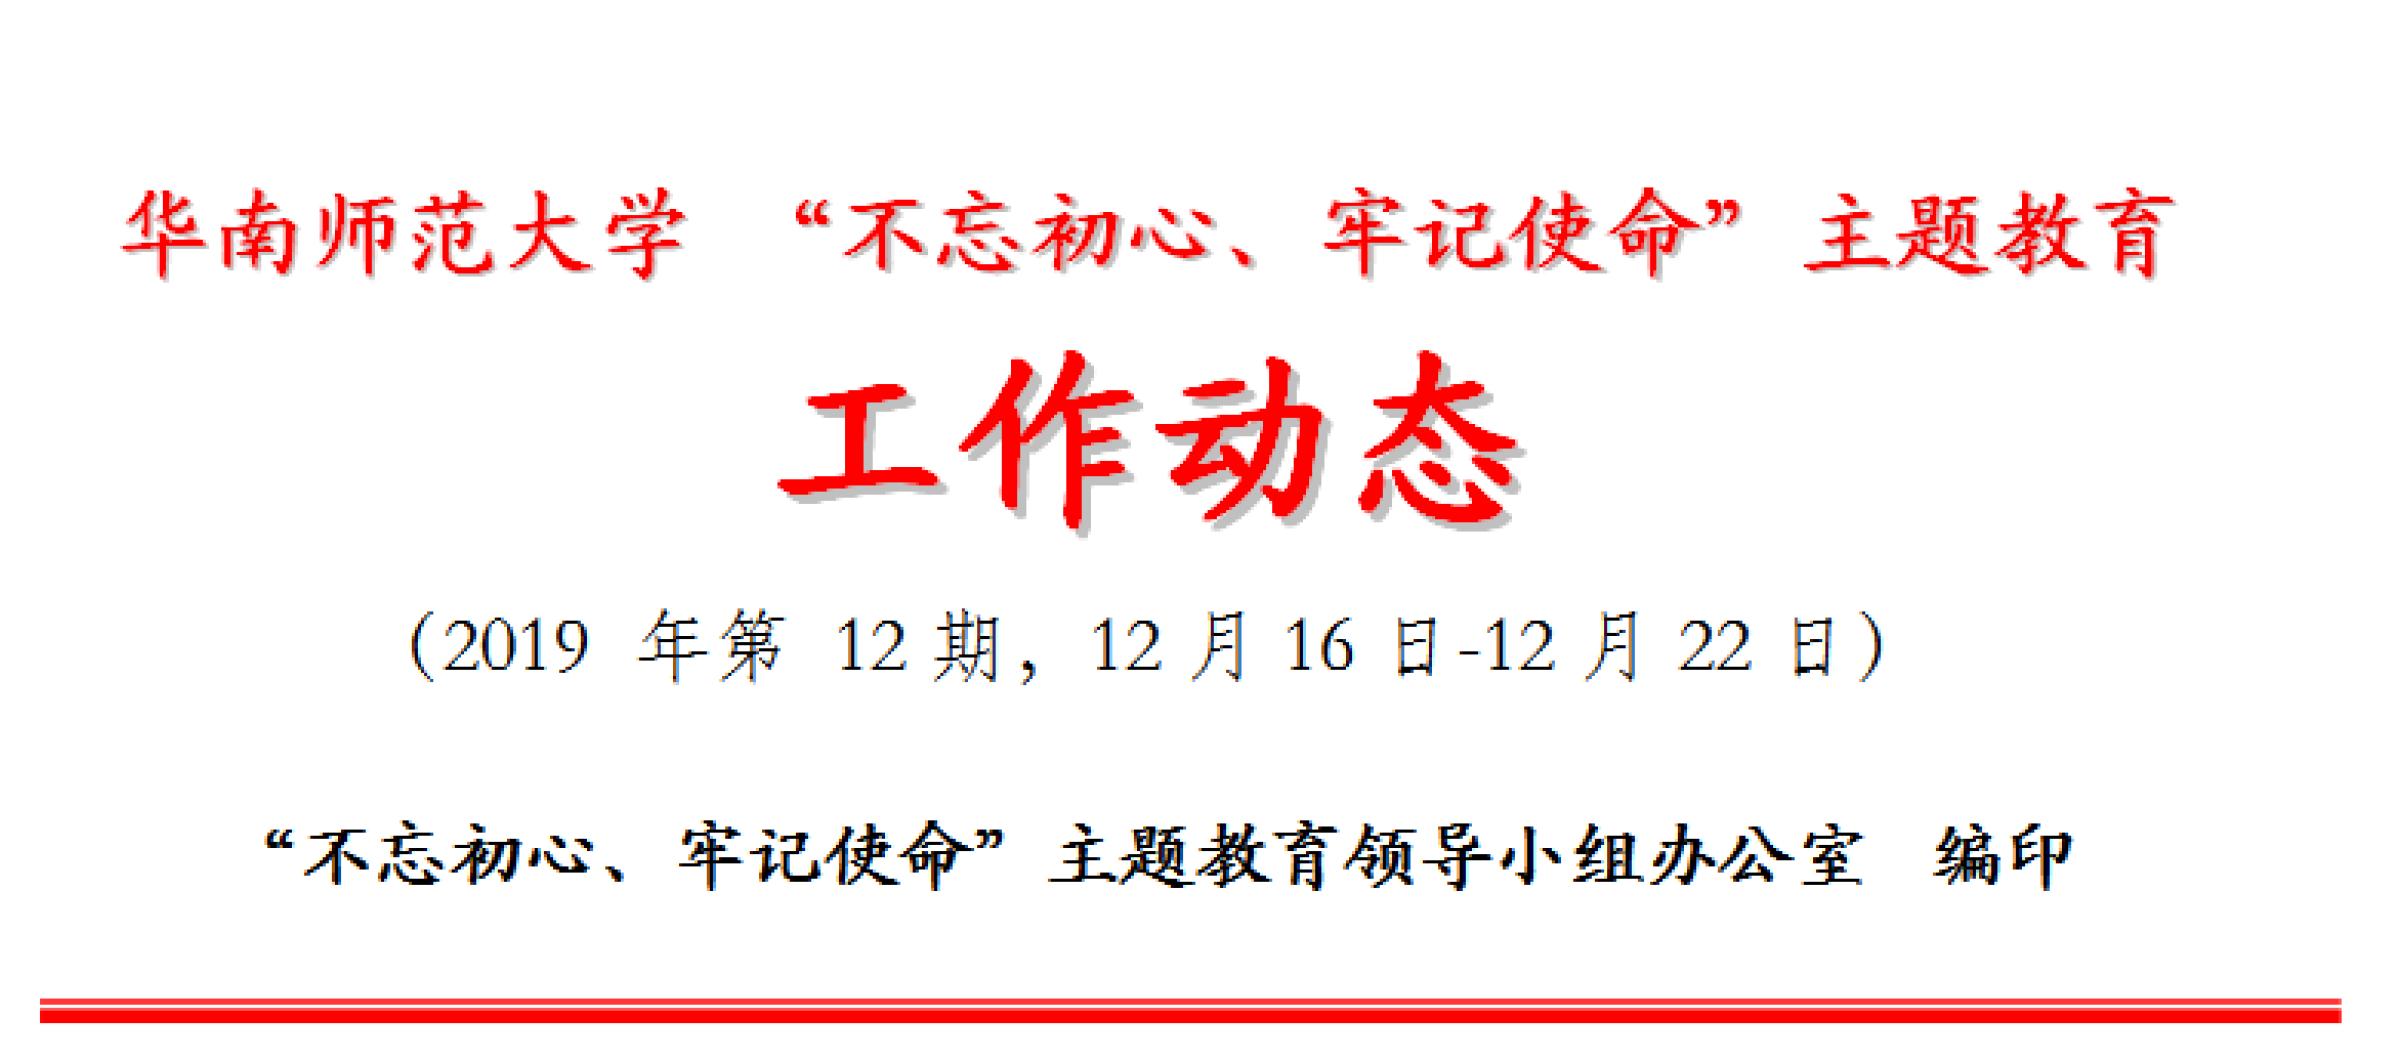 """华南师范大学 """"不忘初心、牢记使命""""主题教育工作动态 (2019 年第 12期,12月16日-12月22日)"""